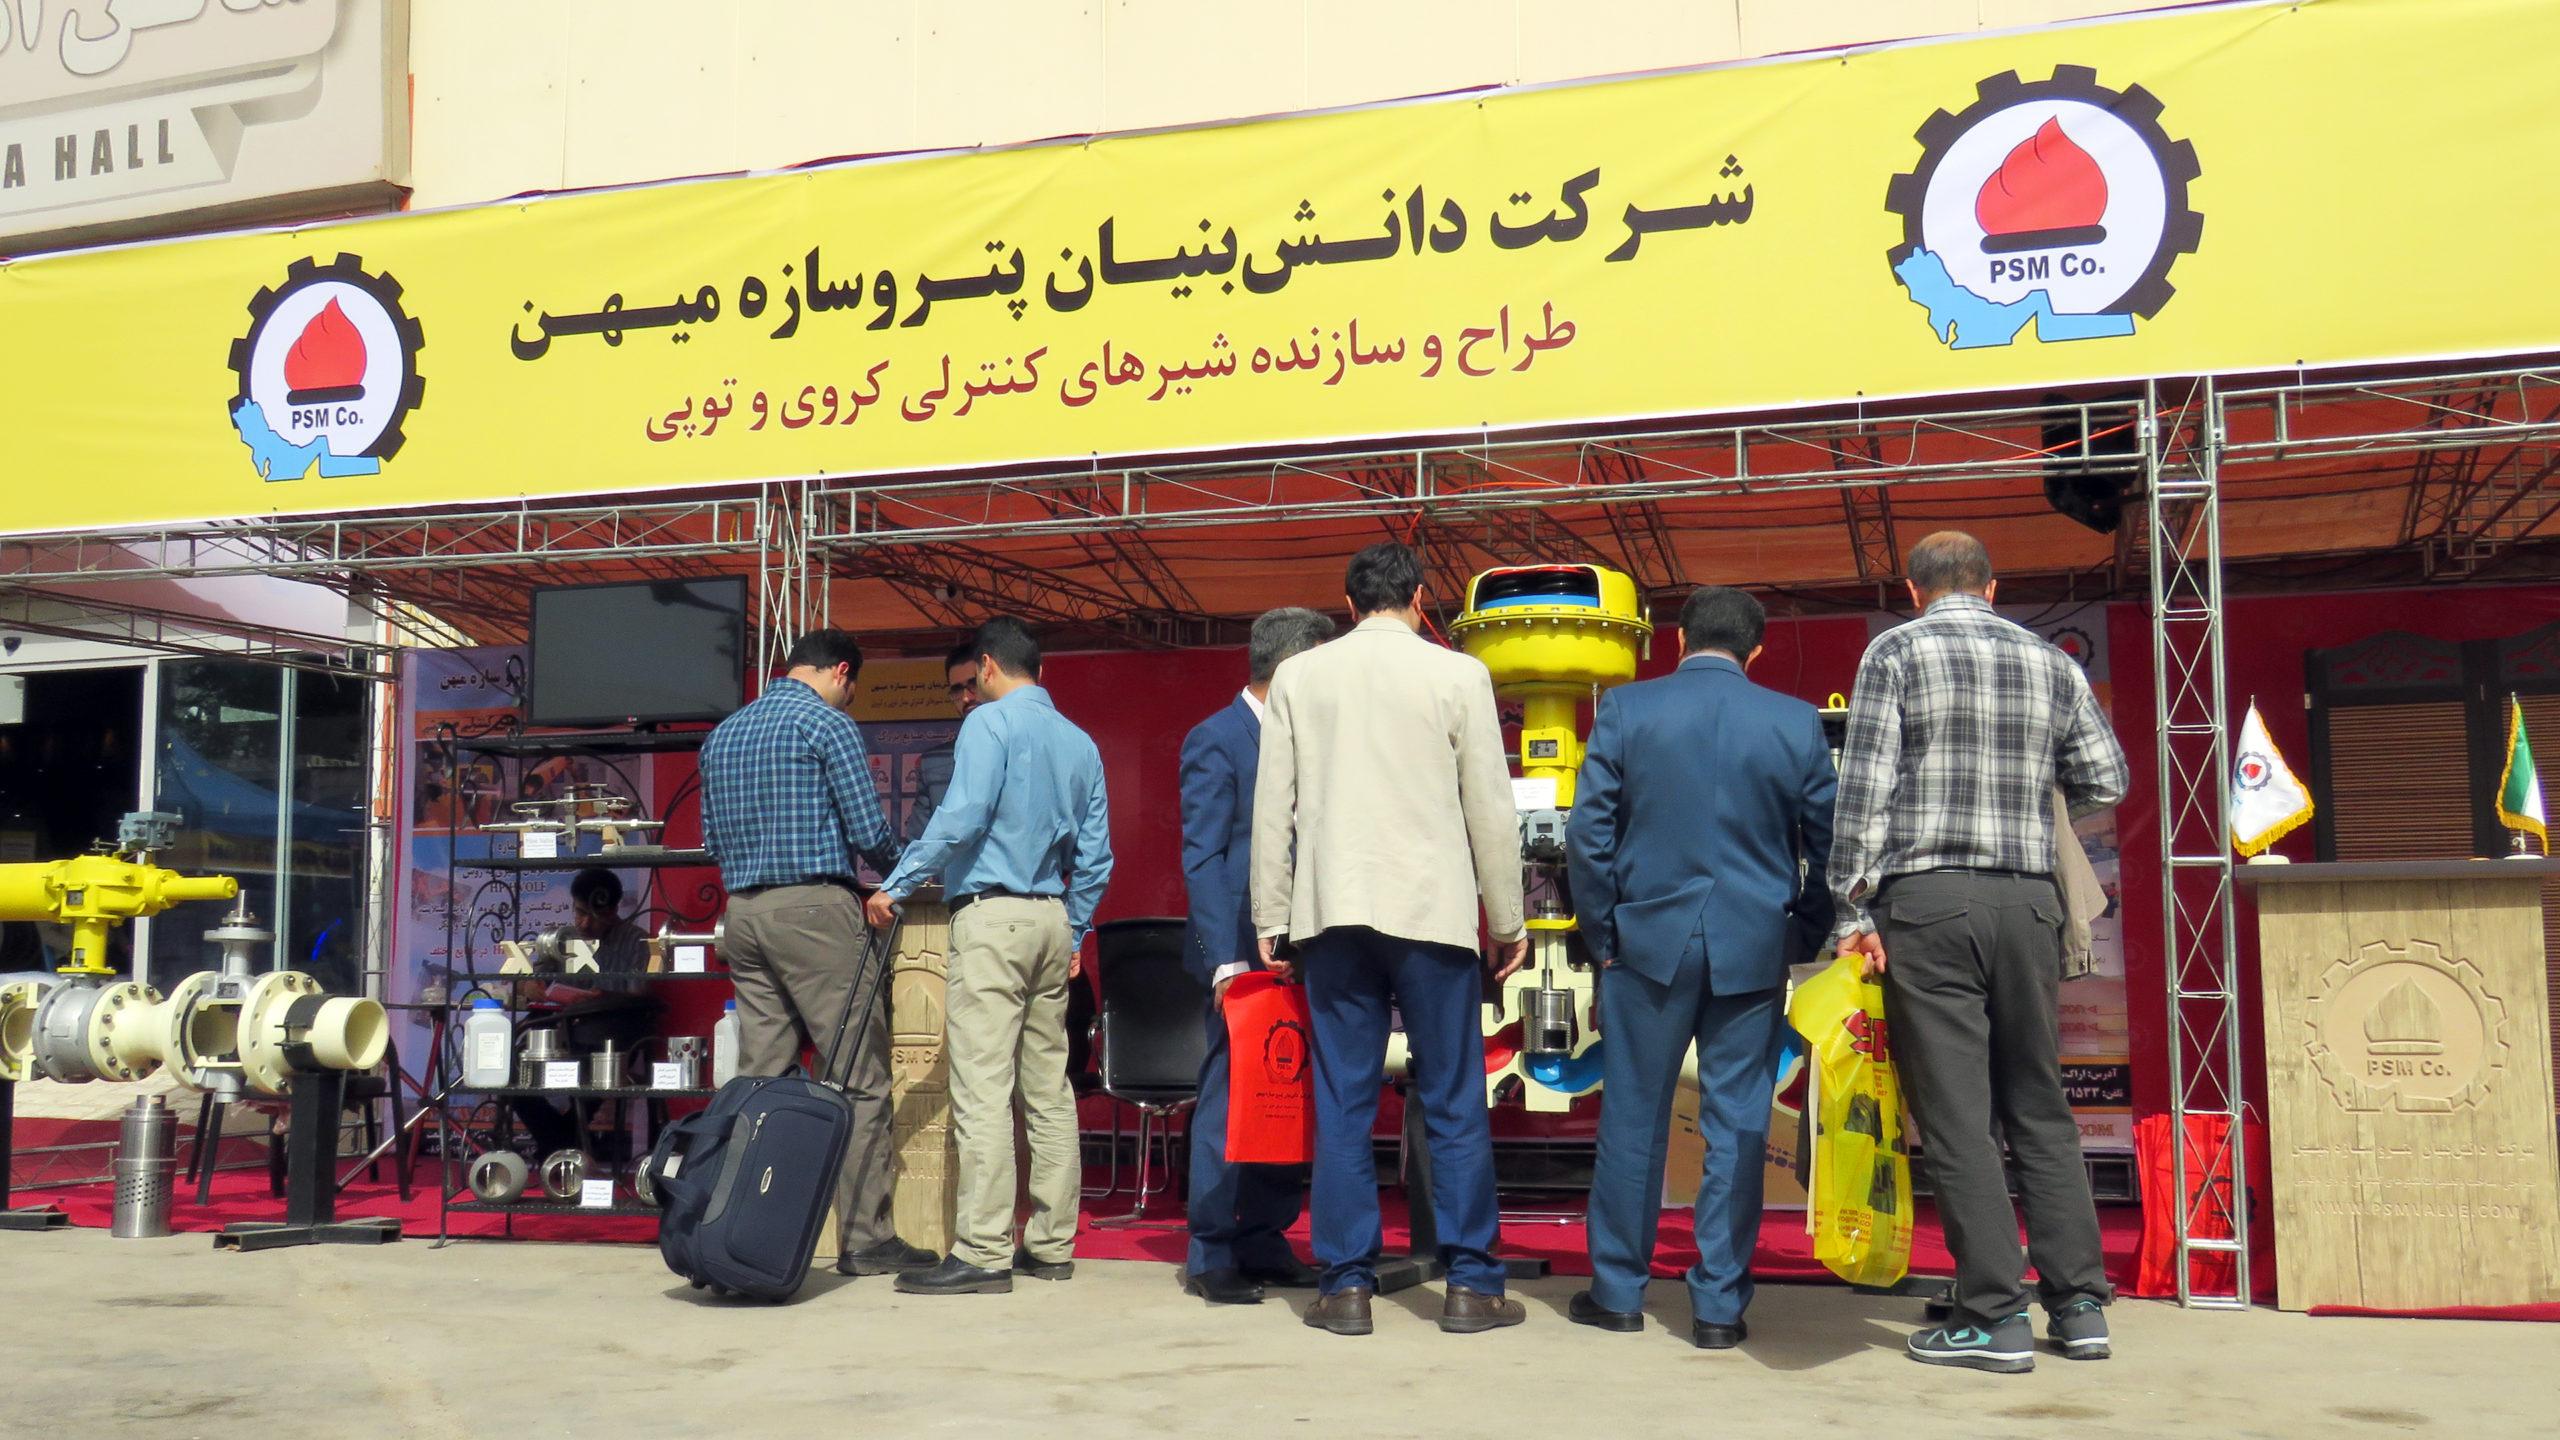 حضور شرکت پتروسازه میهن در نمایشگاه نفت خوزستان